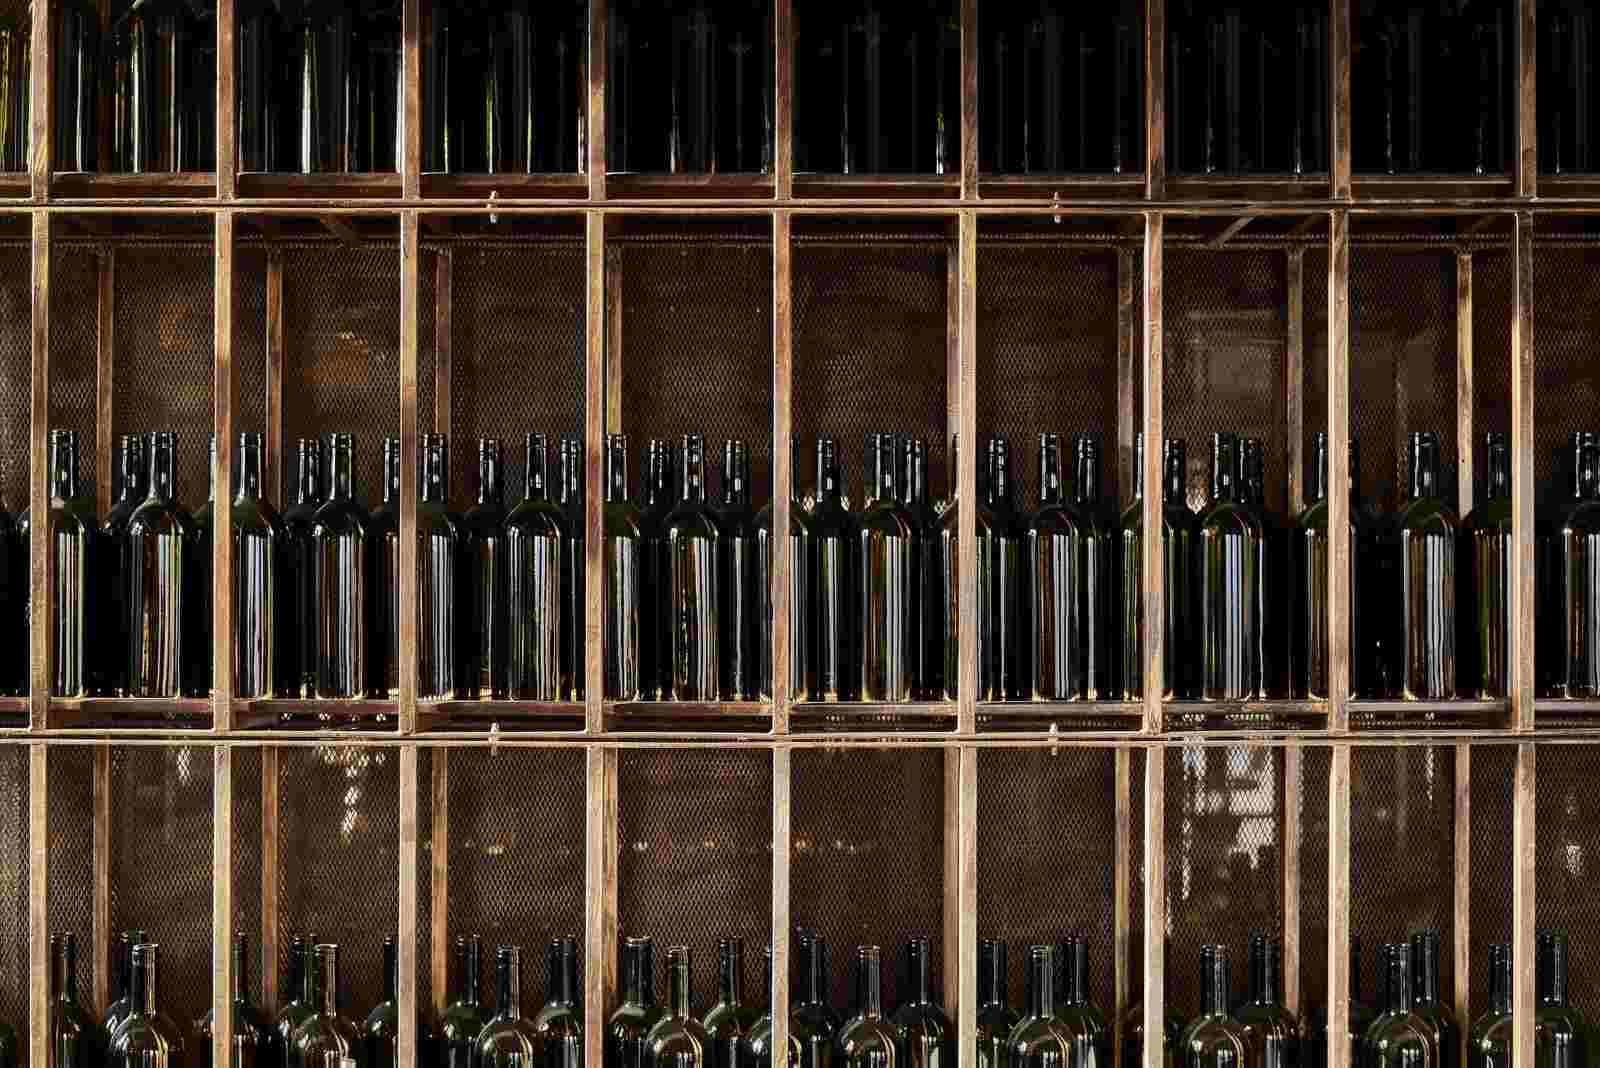 Melhores vinhos portugueses,